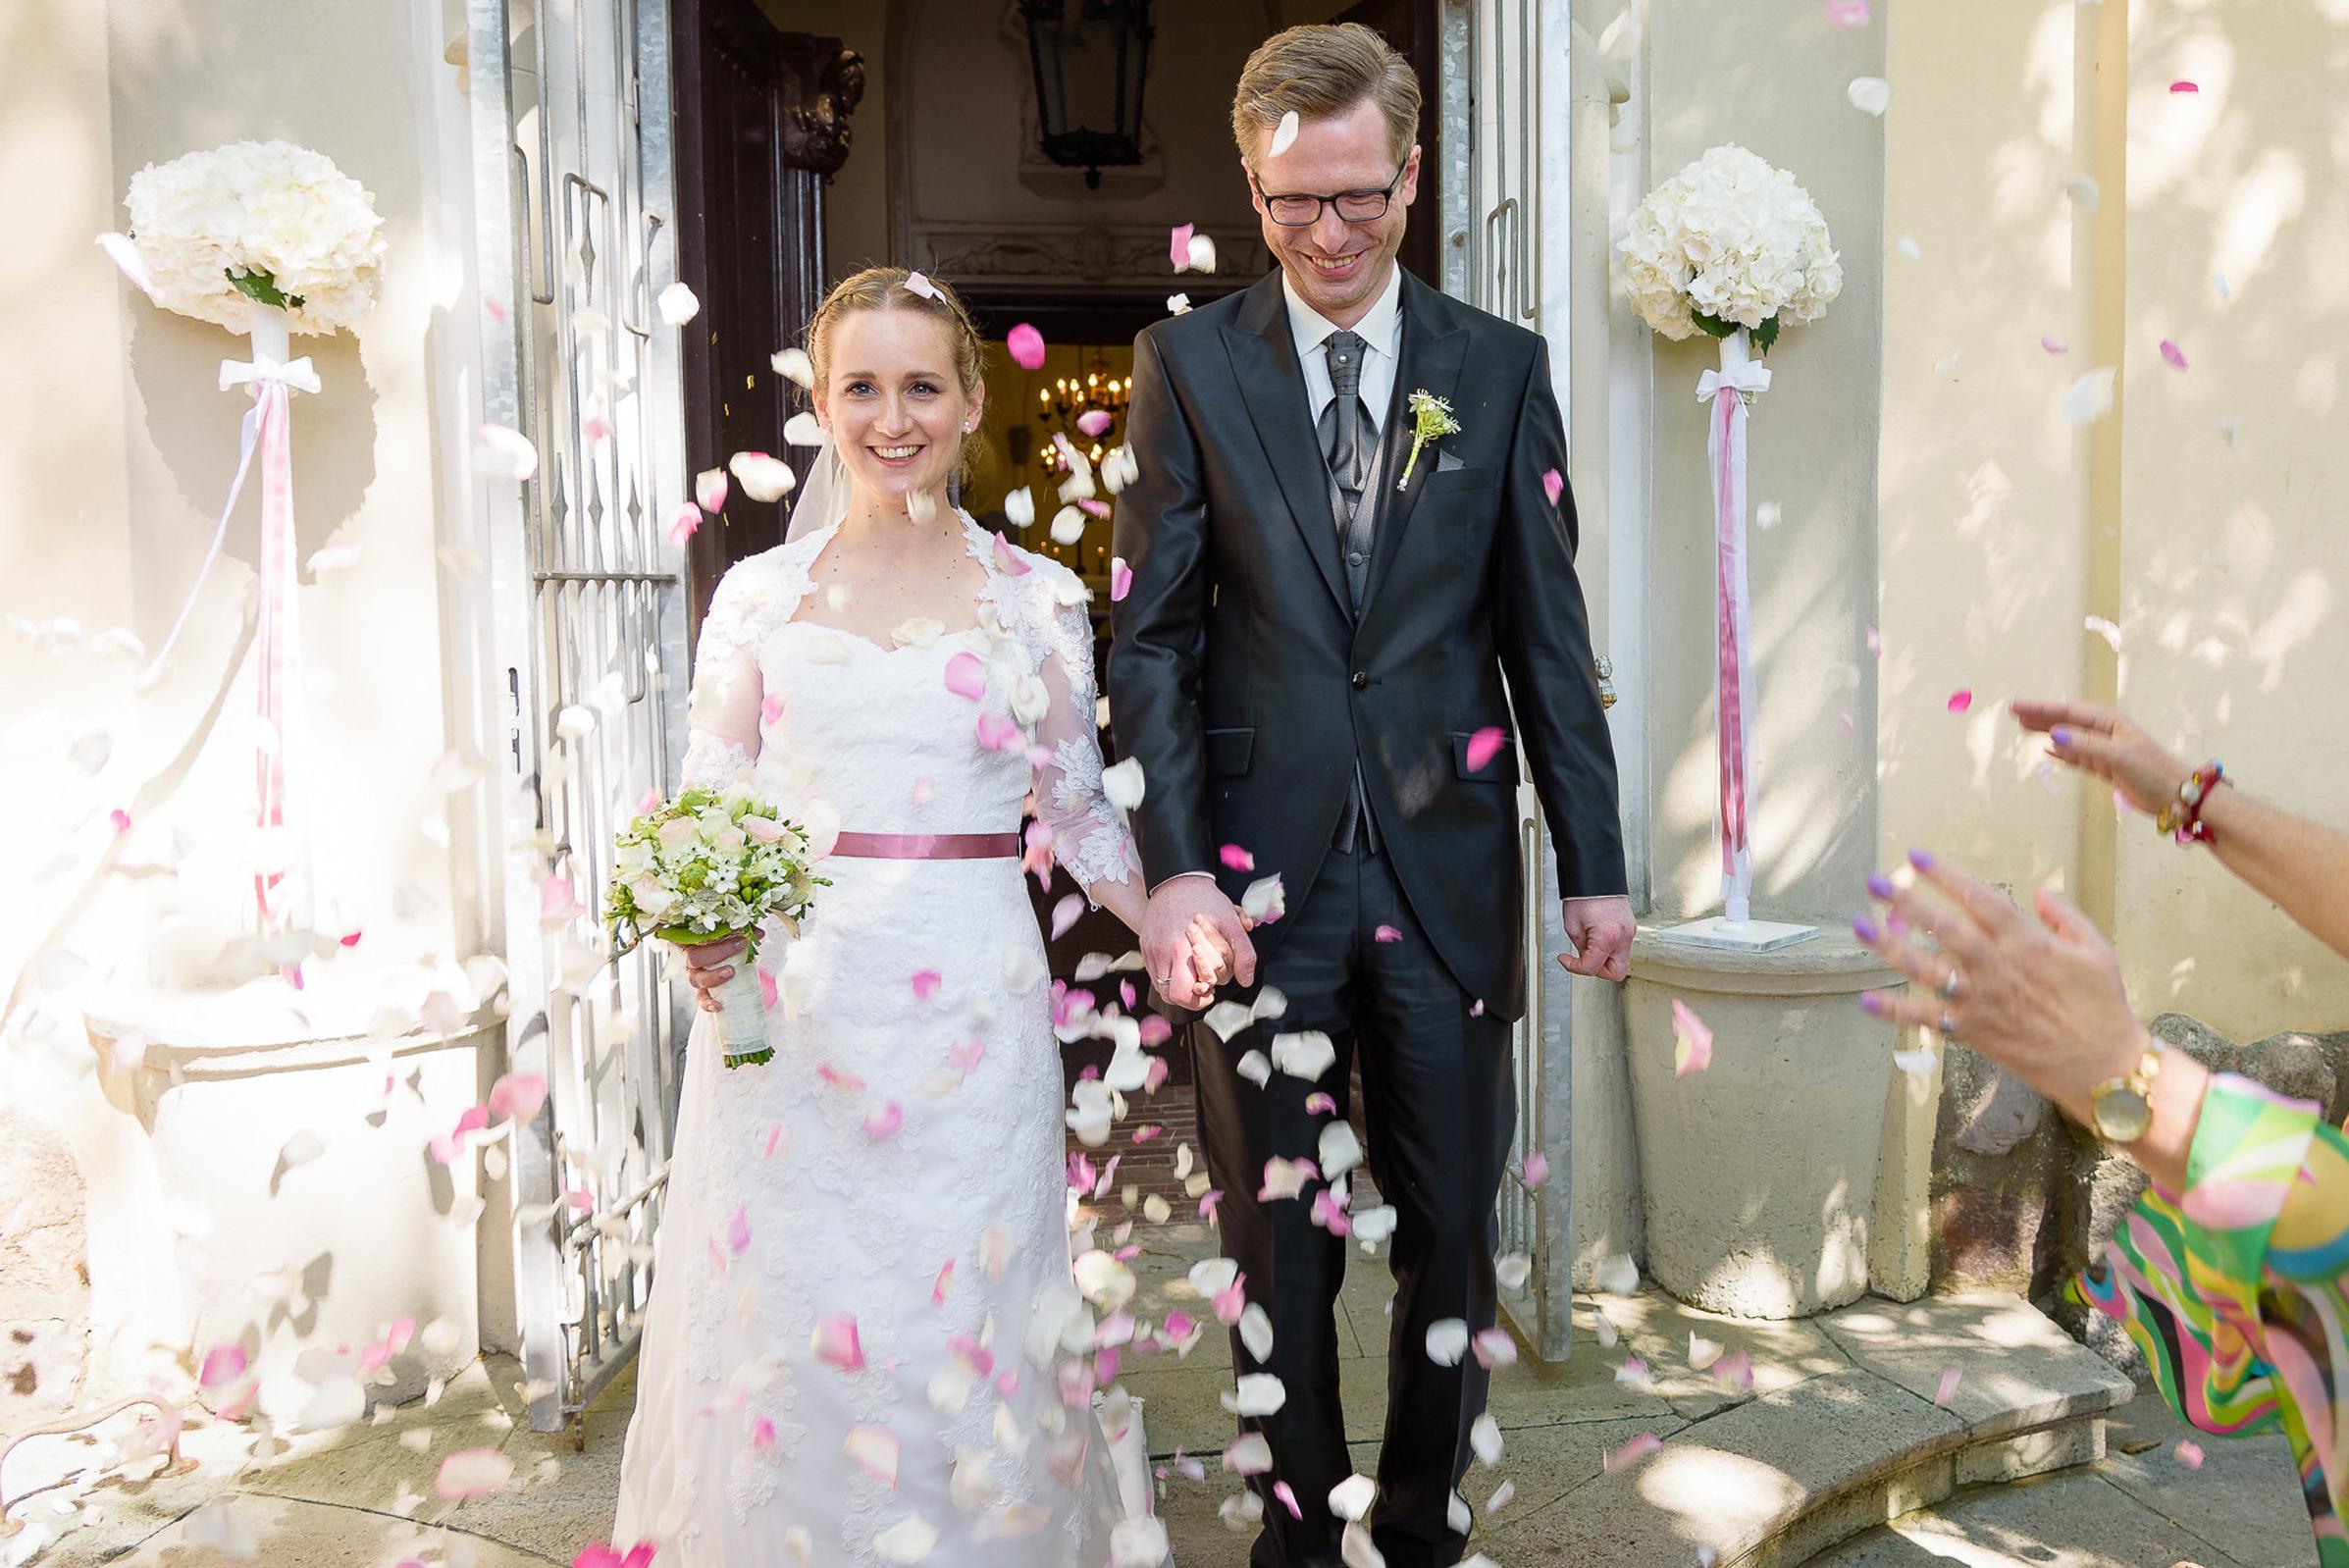 Liebe Eva,   Du hast es geschafft, dass wir uns an unserem Tag super schön, aber natürlich gefühlt haben. Am Hochzeitstag hast Du sogar meine Erwartungen übertroffen und bist auf meine Wünsche eingegangen. Das kann man auch an unseren Hochzeitsbildern beobachten :) Wir haben deine zurückhaltende Art auch in intimen und persönlichen Momenten sehr geschätzt. Immer wieder würden wir uns vertrauensvoll in Deine Hände begeben.   Danke und liebe Grüße,  Katharina & Christian